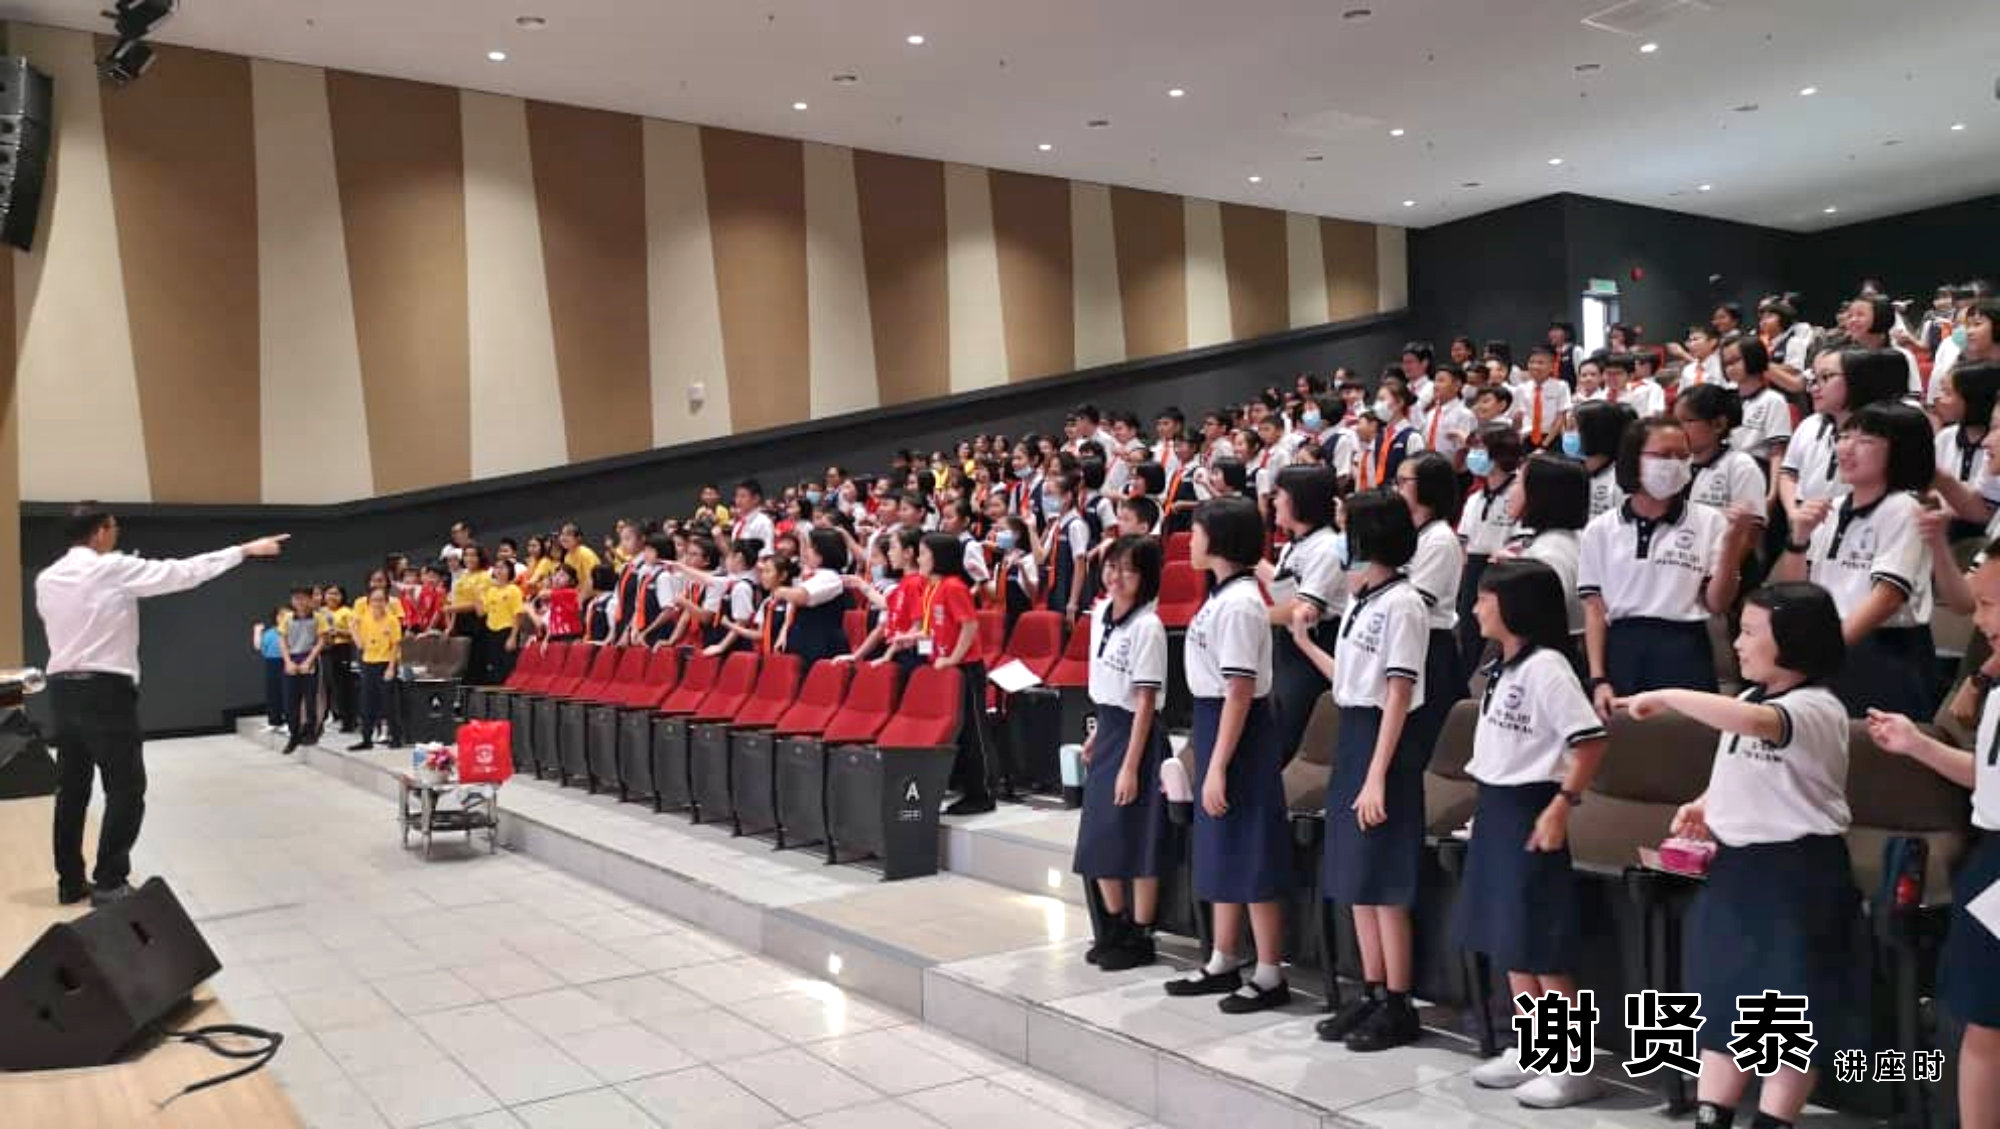 谢贤泰 新山宽柔一小 成为团队领袖 Be A Team Leader 2020小领袖培训营 麻坡小学领袖培训 新山小学培训 A003